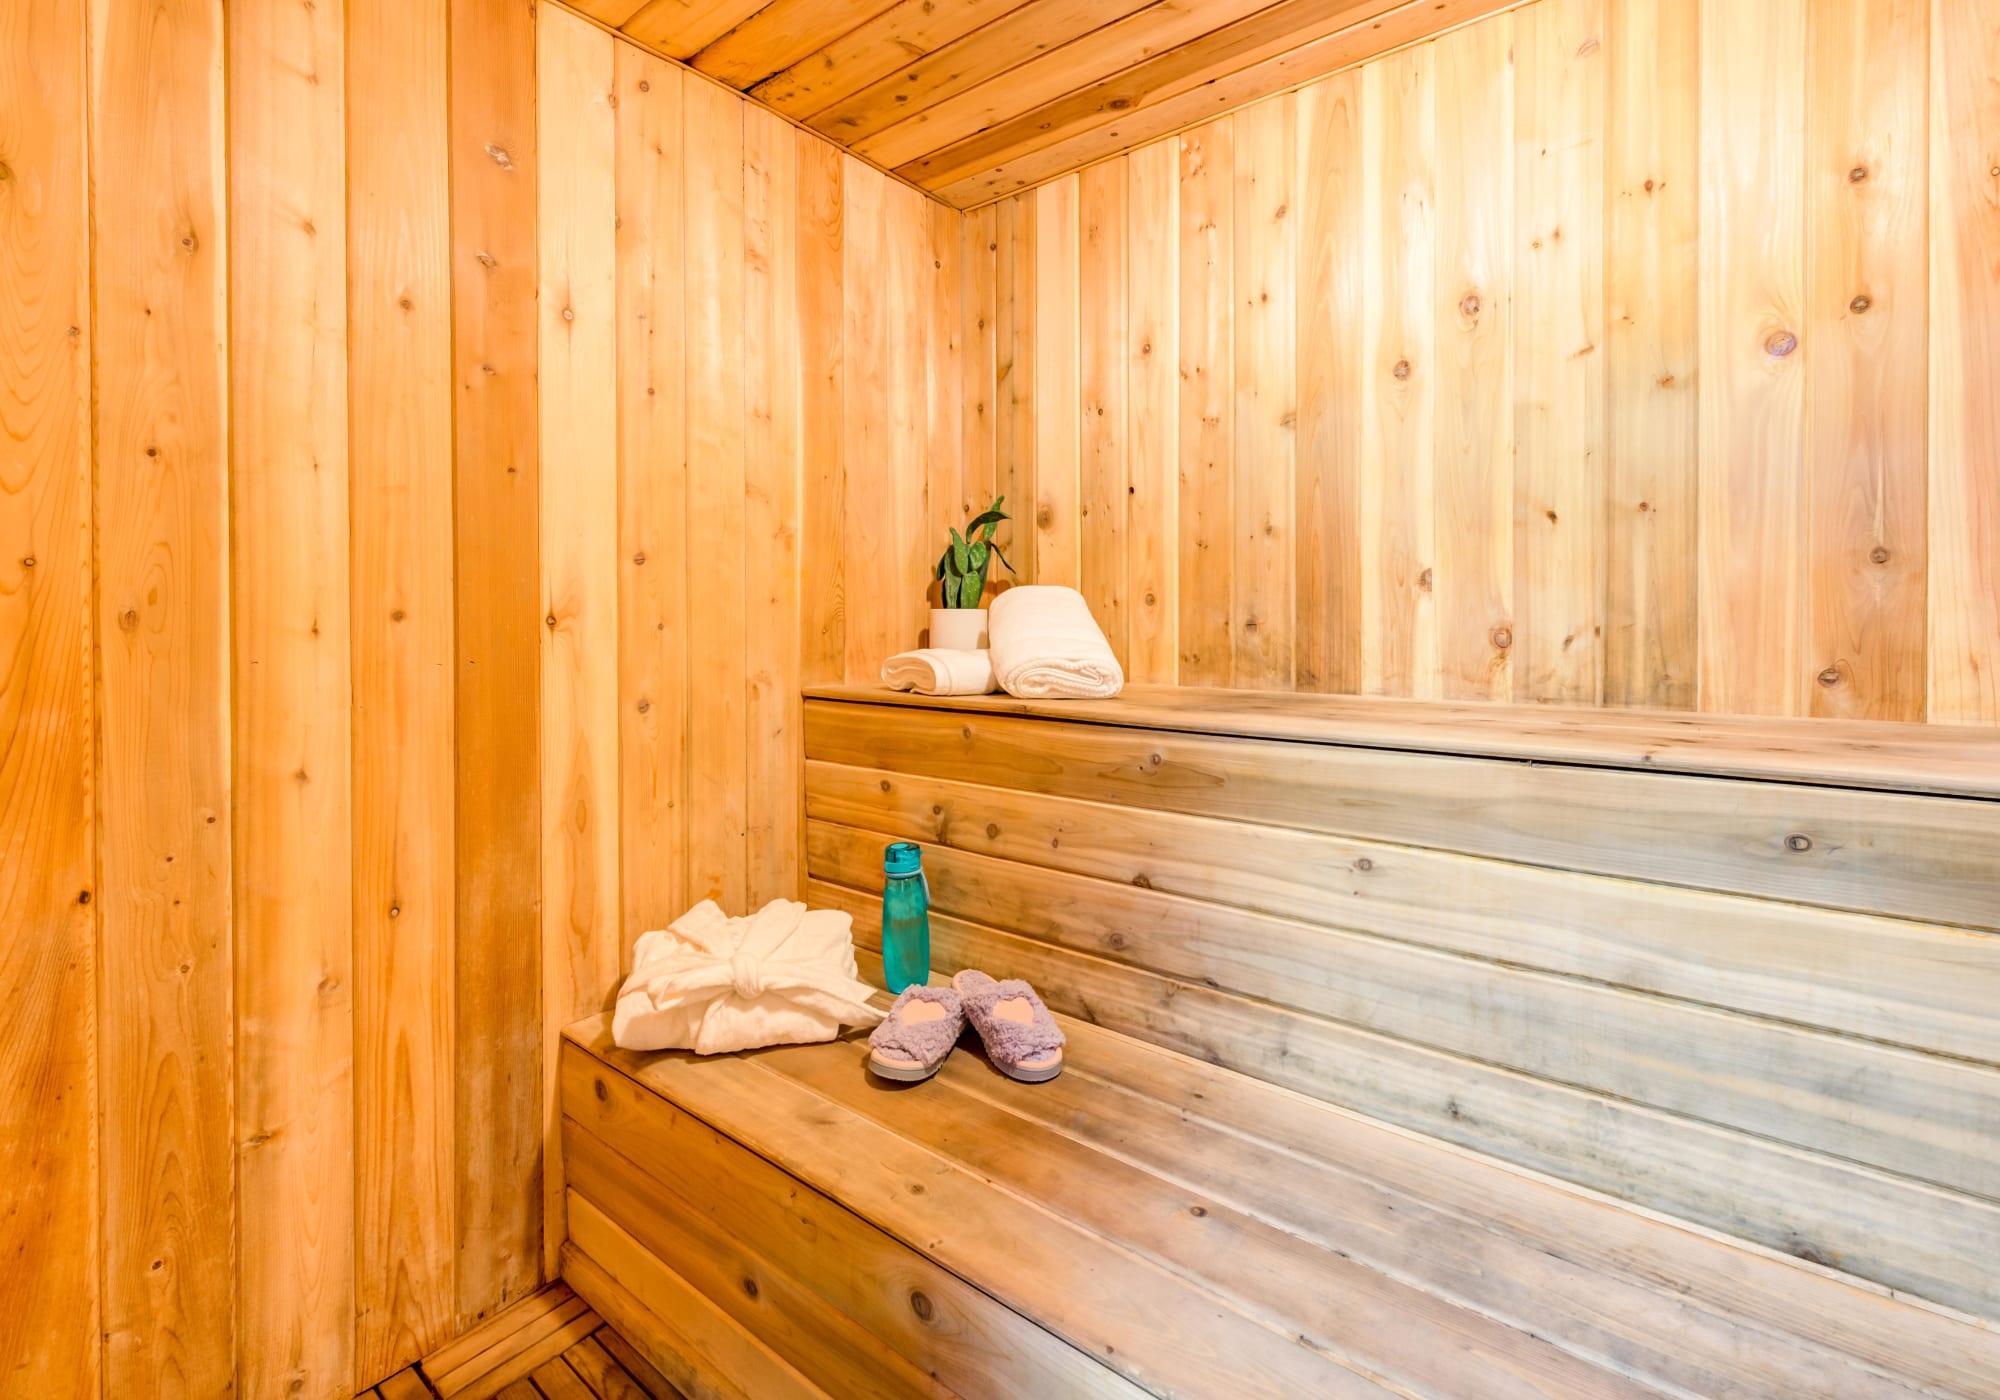 Dry sauna at Rancho Los Feliz in Los Angeles, California